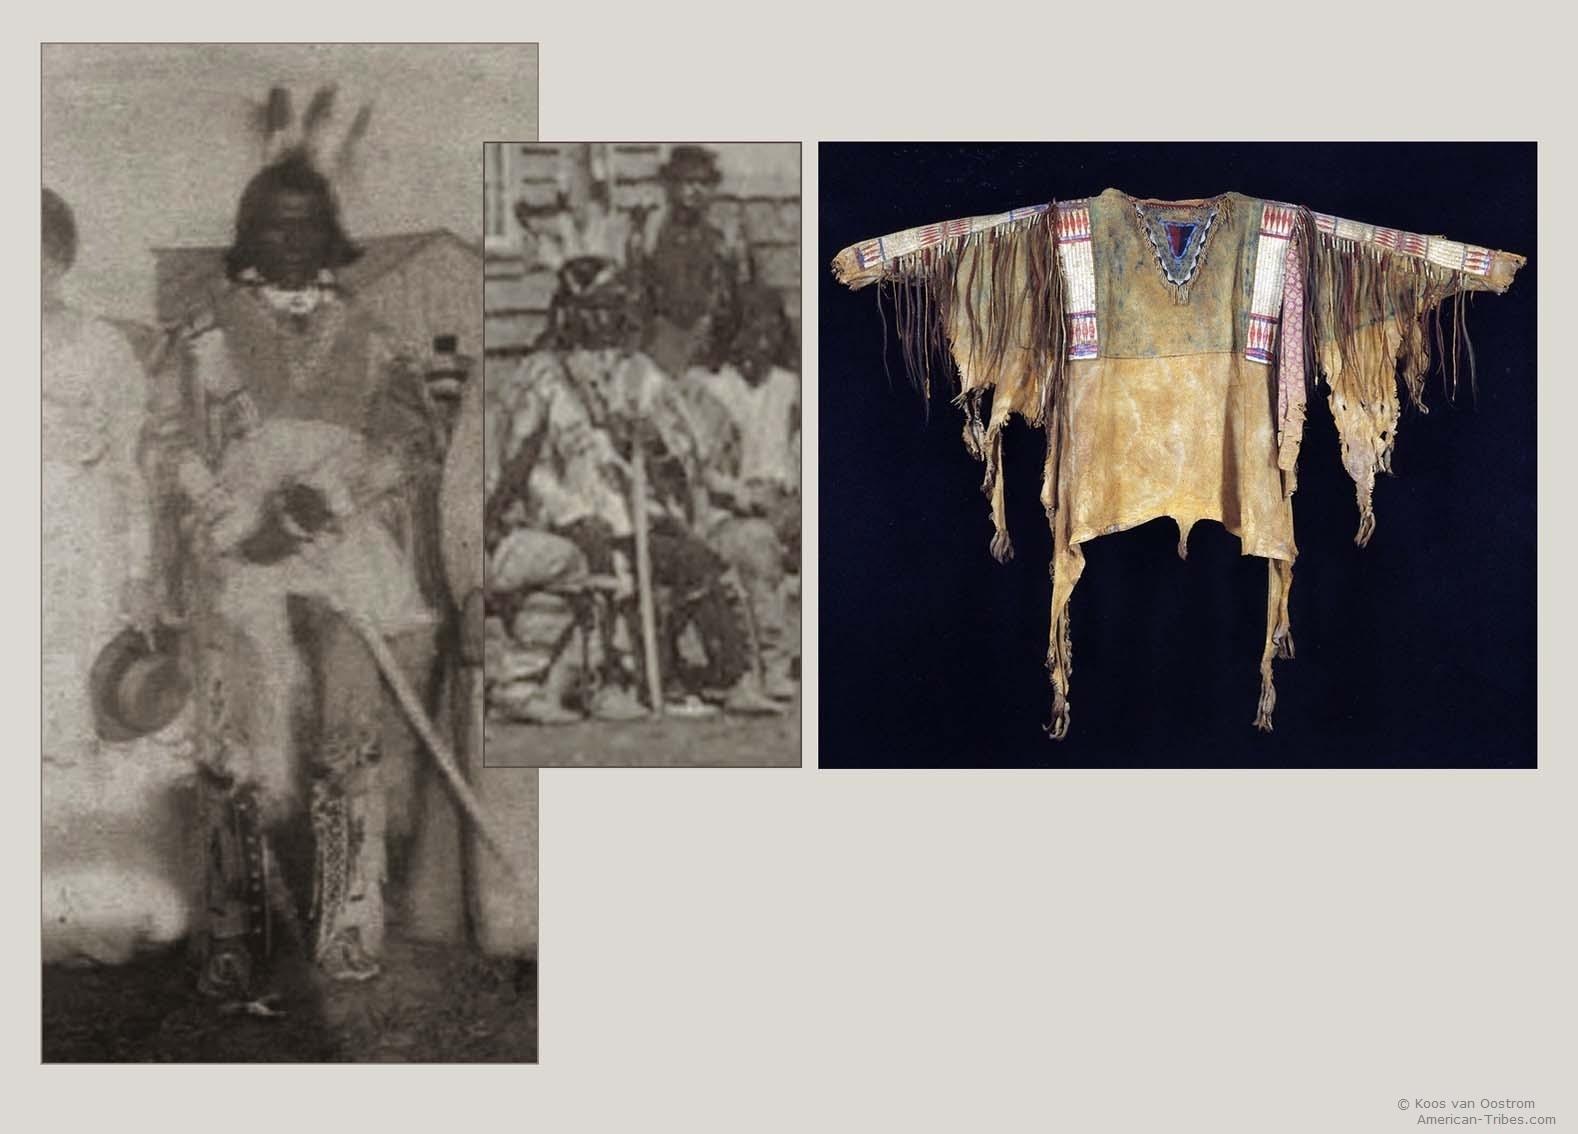 http://www.american-tribes.com/messageboards/dietmar/BobtailBullsshirt.jpg